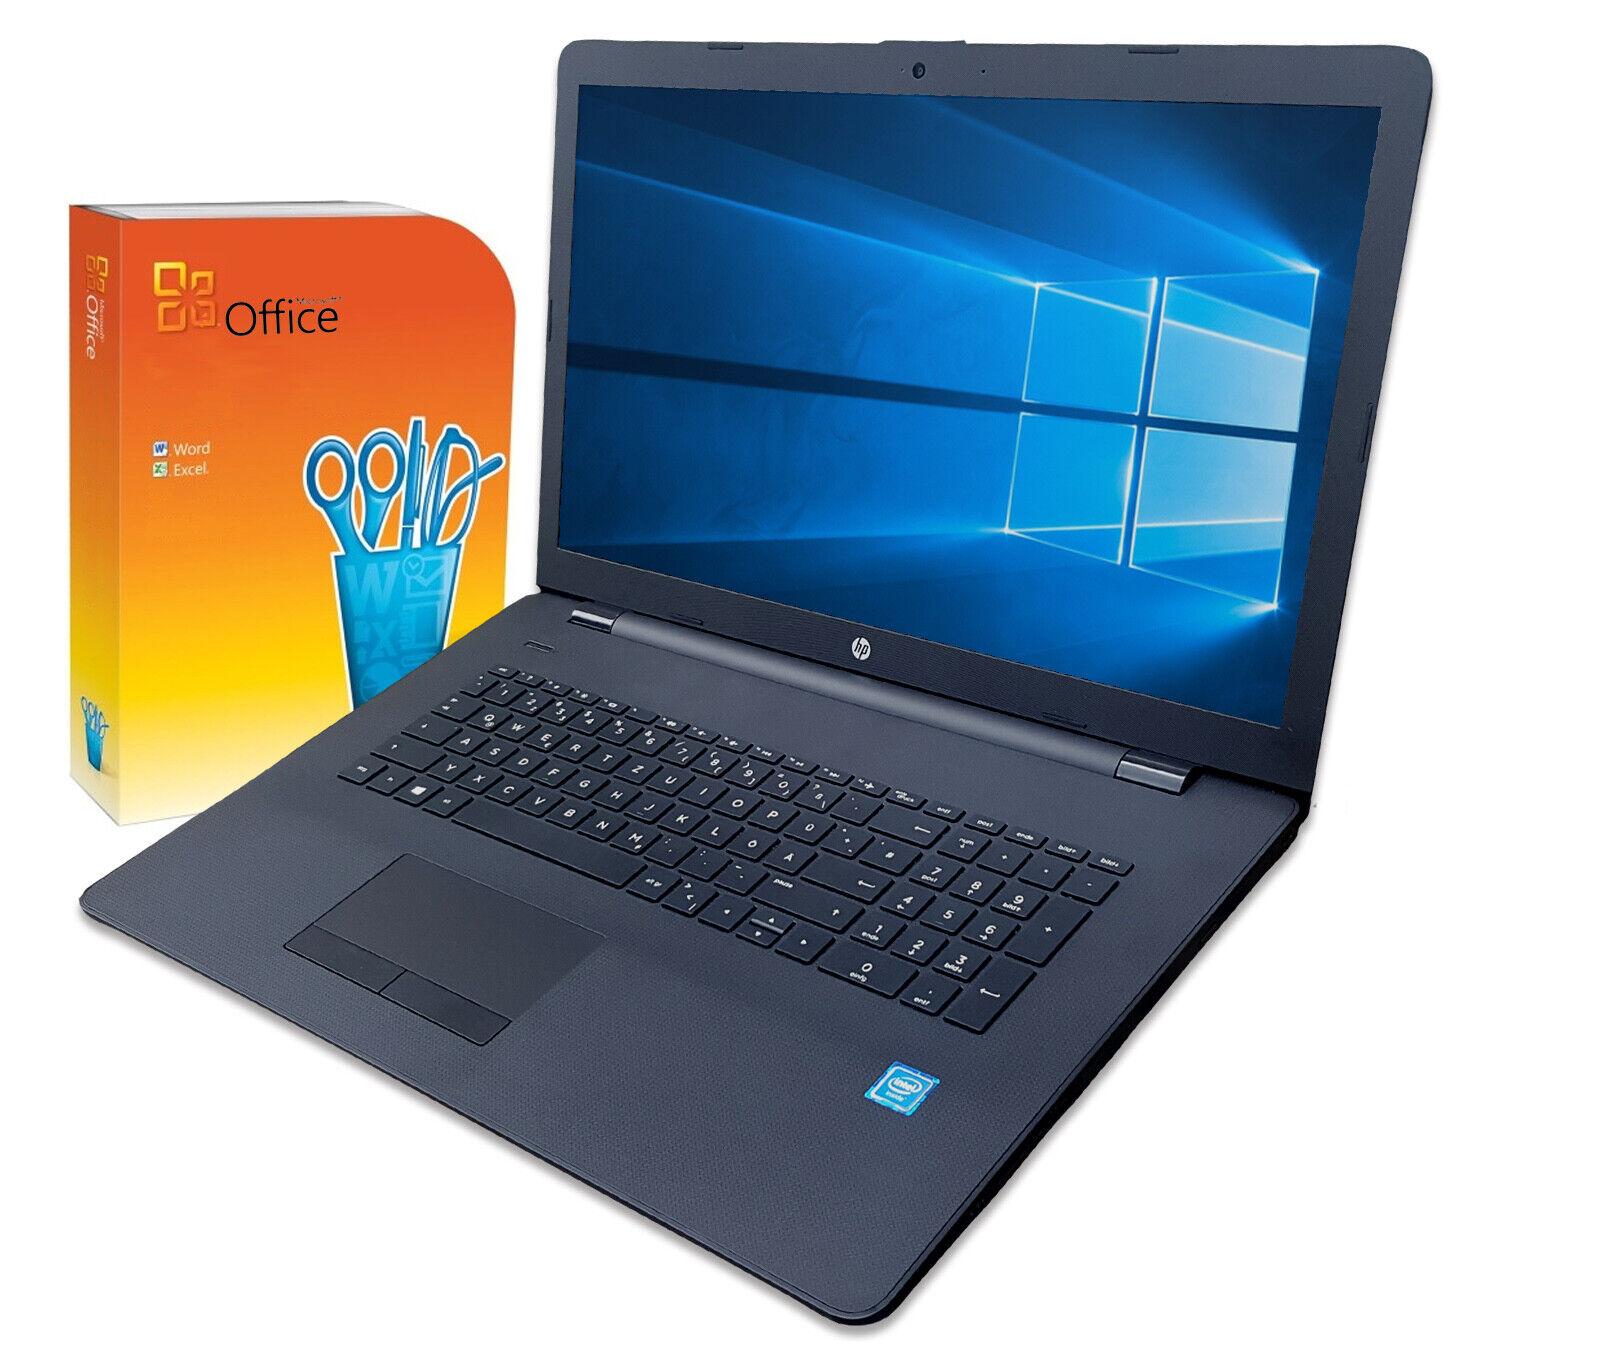 #HP Notebook 17 Zoll HD+ Intel  2x 2,60GHz  8GB 256  Win10 / Office2010